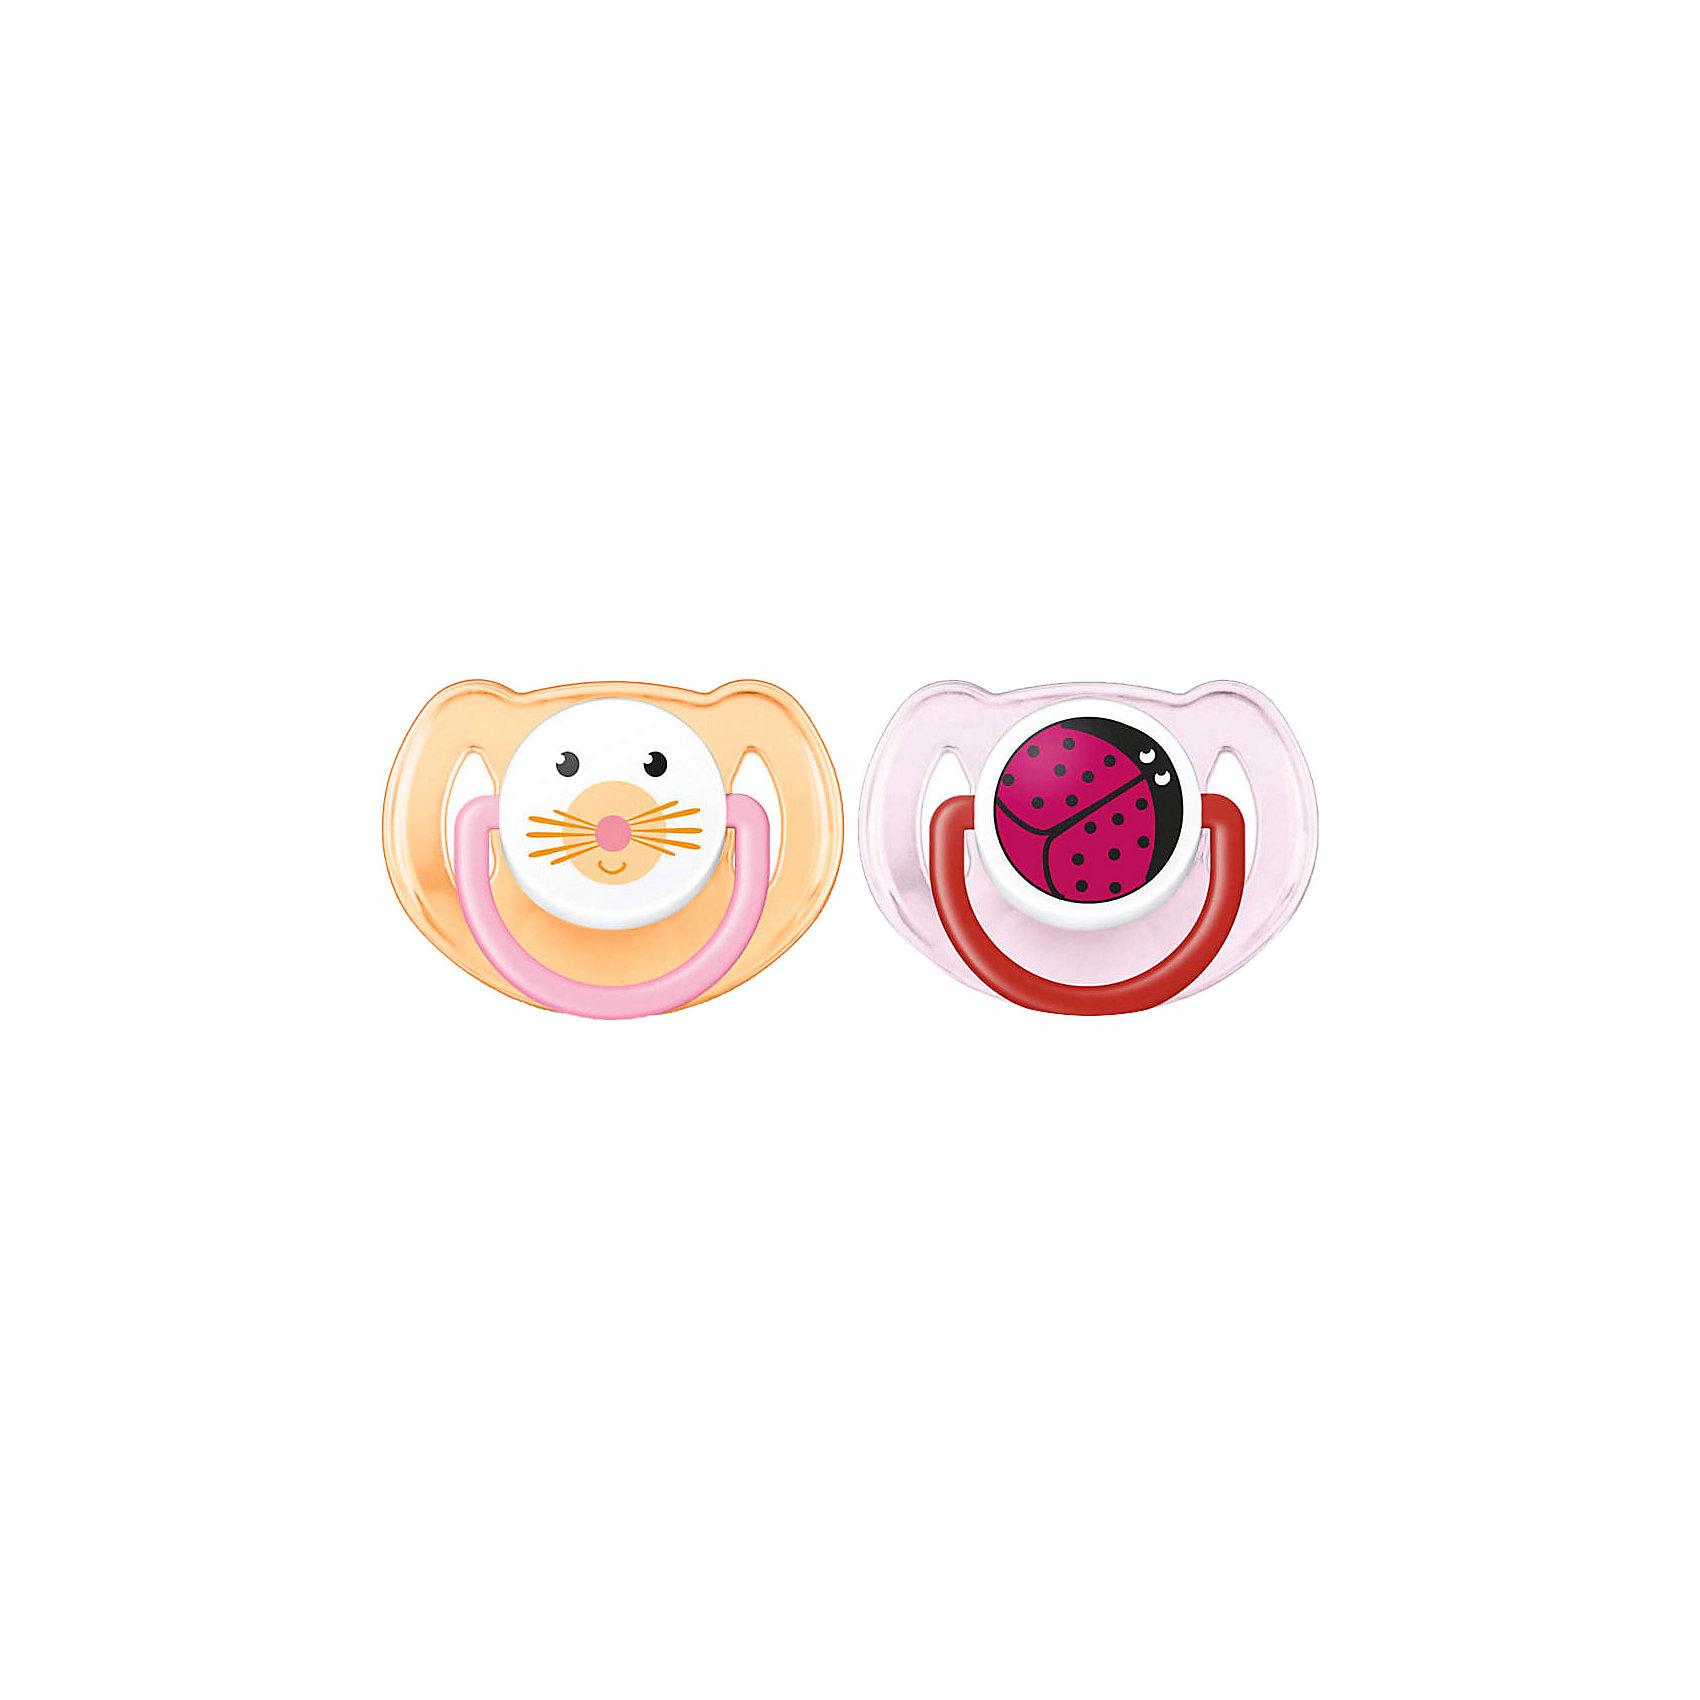 Силиконовая пустышка Домашние животные, 6-18 мес., 2 шт., AVENT, оранжевый/розовыйОртодонтические симитричные мягкие соски  от AVENT Philips серии Домашние животные, 6-18 мес  (уп.2шт) c различными изображениями животных наверняка порадуют вашего малыша.<br><br>Дополнительная информация: <br>- Удобные силиконовые соски без запаха и вкуса<br>- Безопасность: предохранительное кольцо-держатель позволяет с легкостью вынуть пустышку в любой момент<br>- Гигиеничность: защелкивающийся защитный колпачок <br>- Можно стерилизовать<br>- Можно мыть в посудомоечной машине<br>- Рекомендуемый возраст: 6-18 мес. <br>- Рисунок: кошка/божья коровка<br> <br>В комплект входит: <br>- Силиконовая соска: 2 шт. <br>- Защелкивающийся защитный колпачок: 2 шт. <br><br>Силиконовую пустышку Домашние животные, 6-18 мес., 2 шт., AVENT можно купить в нашем интернет-магазине.<br><br>Ширина мм: 50<br>Глубина мм: 100<br>Высота мм: 100<br>Вес г: 63<br>Возраст от месяцев: 6<br>Возраст до месяцев: 18<br>Пол: Унисекс<br>Возраст: Детский<br>SKU: 4510857